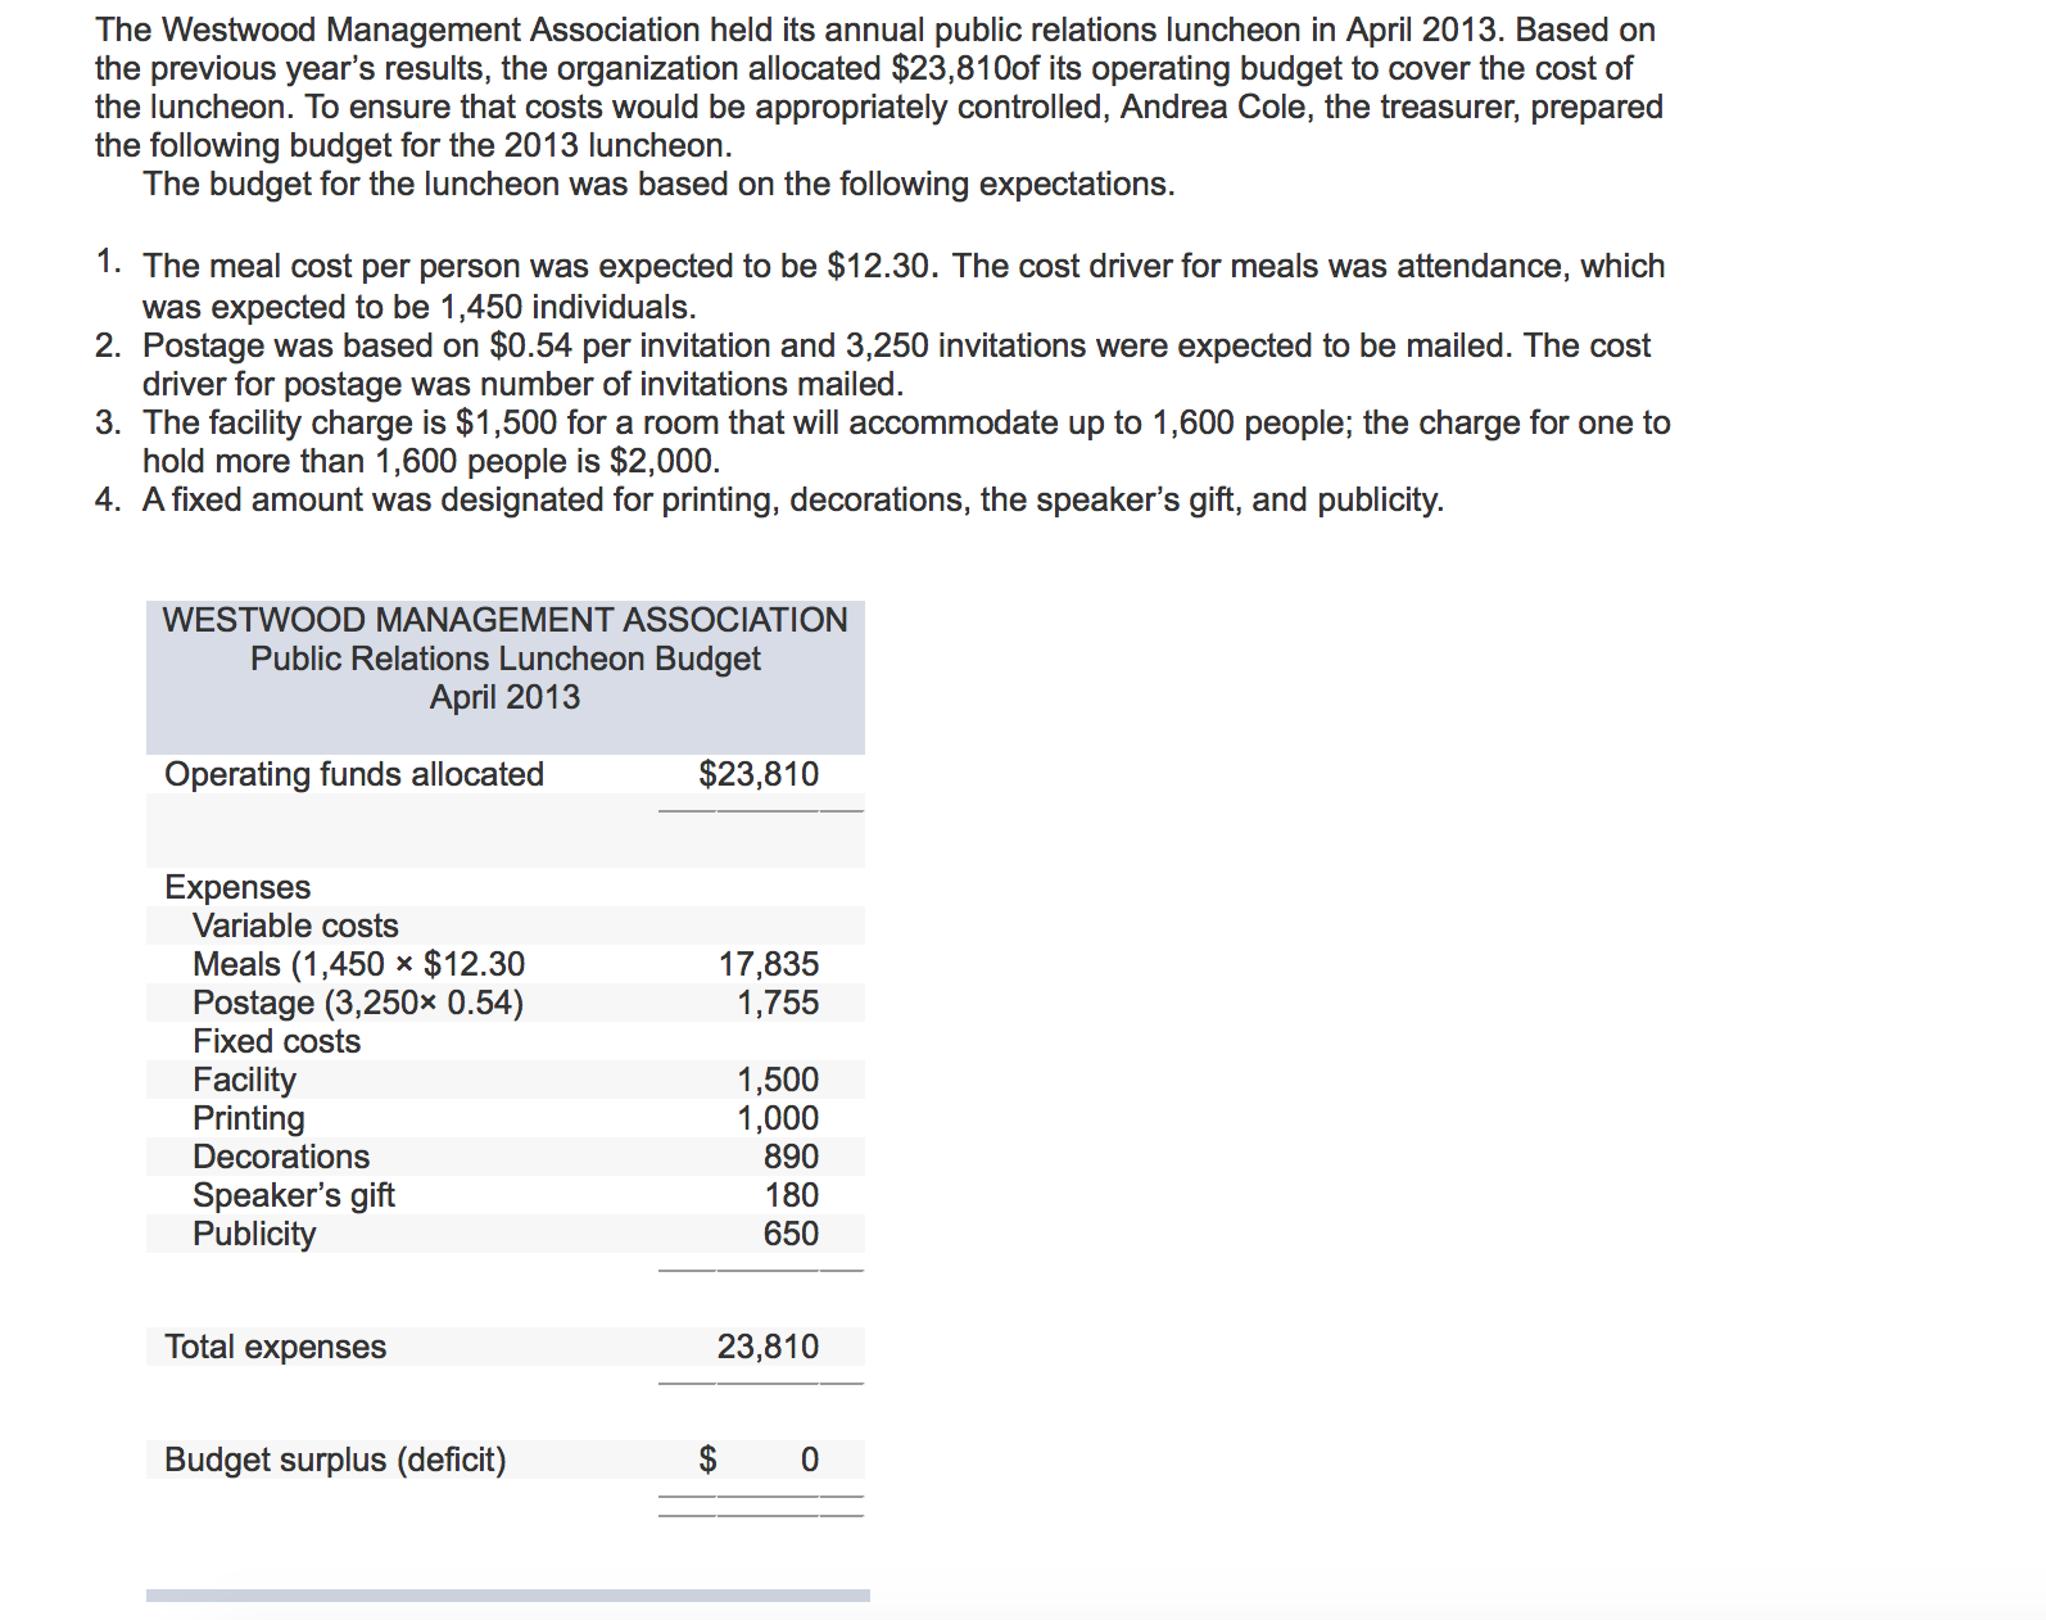 Wunderbar Beispielprojekt Budgetvorlage Ideen - Entry Level Resume ...